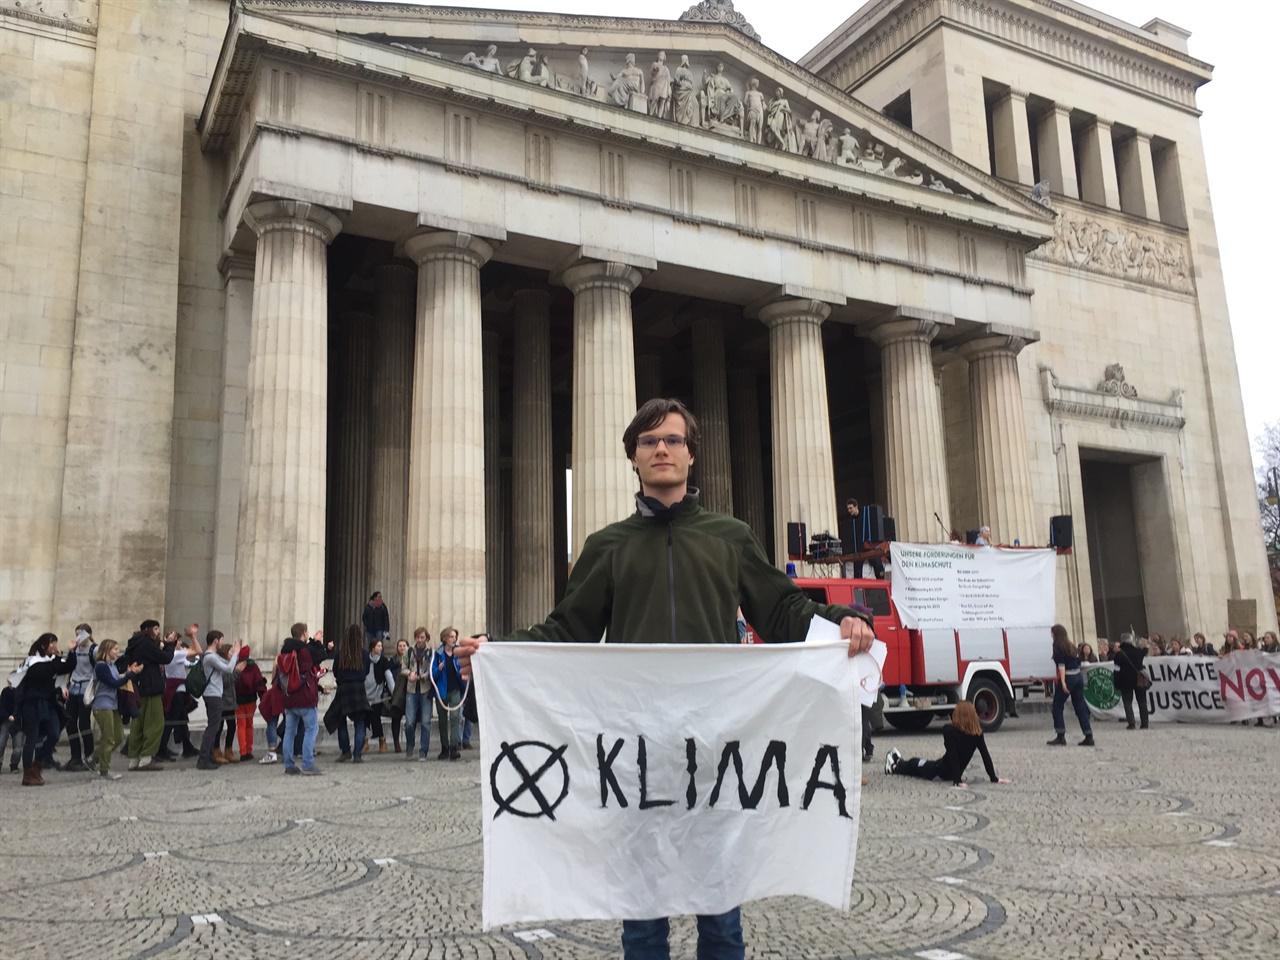 뮌헨의 레온하드 (Leonhard) 활동가 뮌헨공대에서 태양에너지보존을 연구하는 레온하드(Leonhard) 활동가는 현재 Fridays For Future 뮌헨지부에서 활발한 활동을 하고 있다. 지난 2014년 당시 17세였던 그는 환경단체 그린피스에 청년 활동가로 가입하며 그간 다양한 지식과 경험을 쌓아왔다.